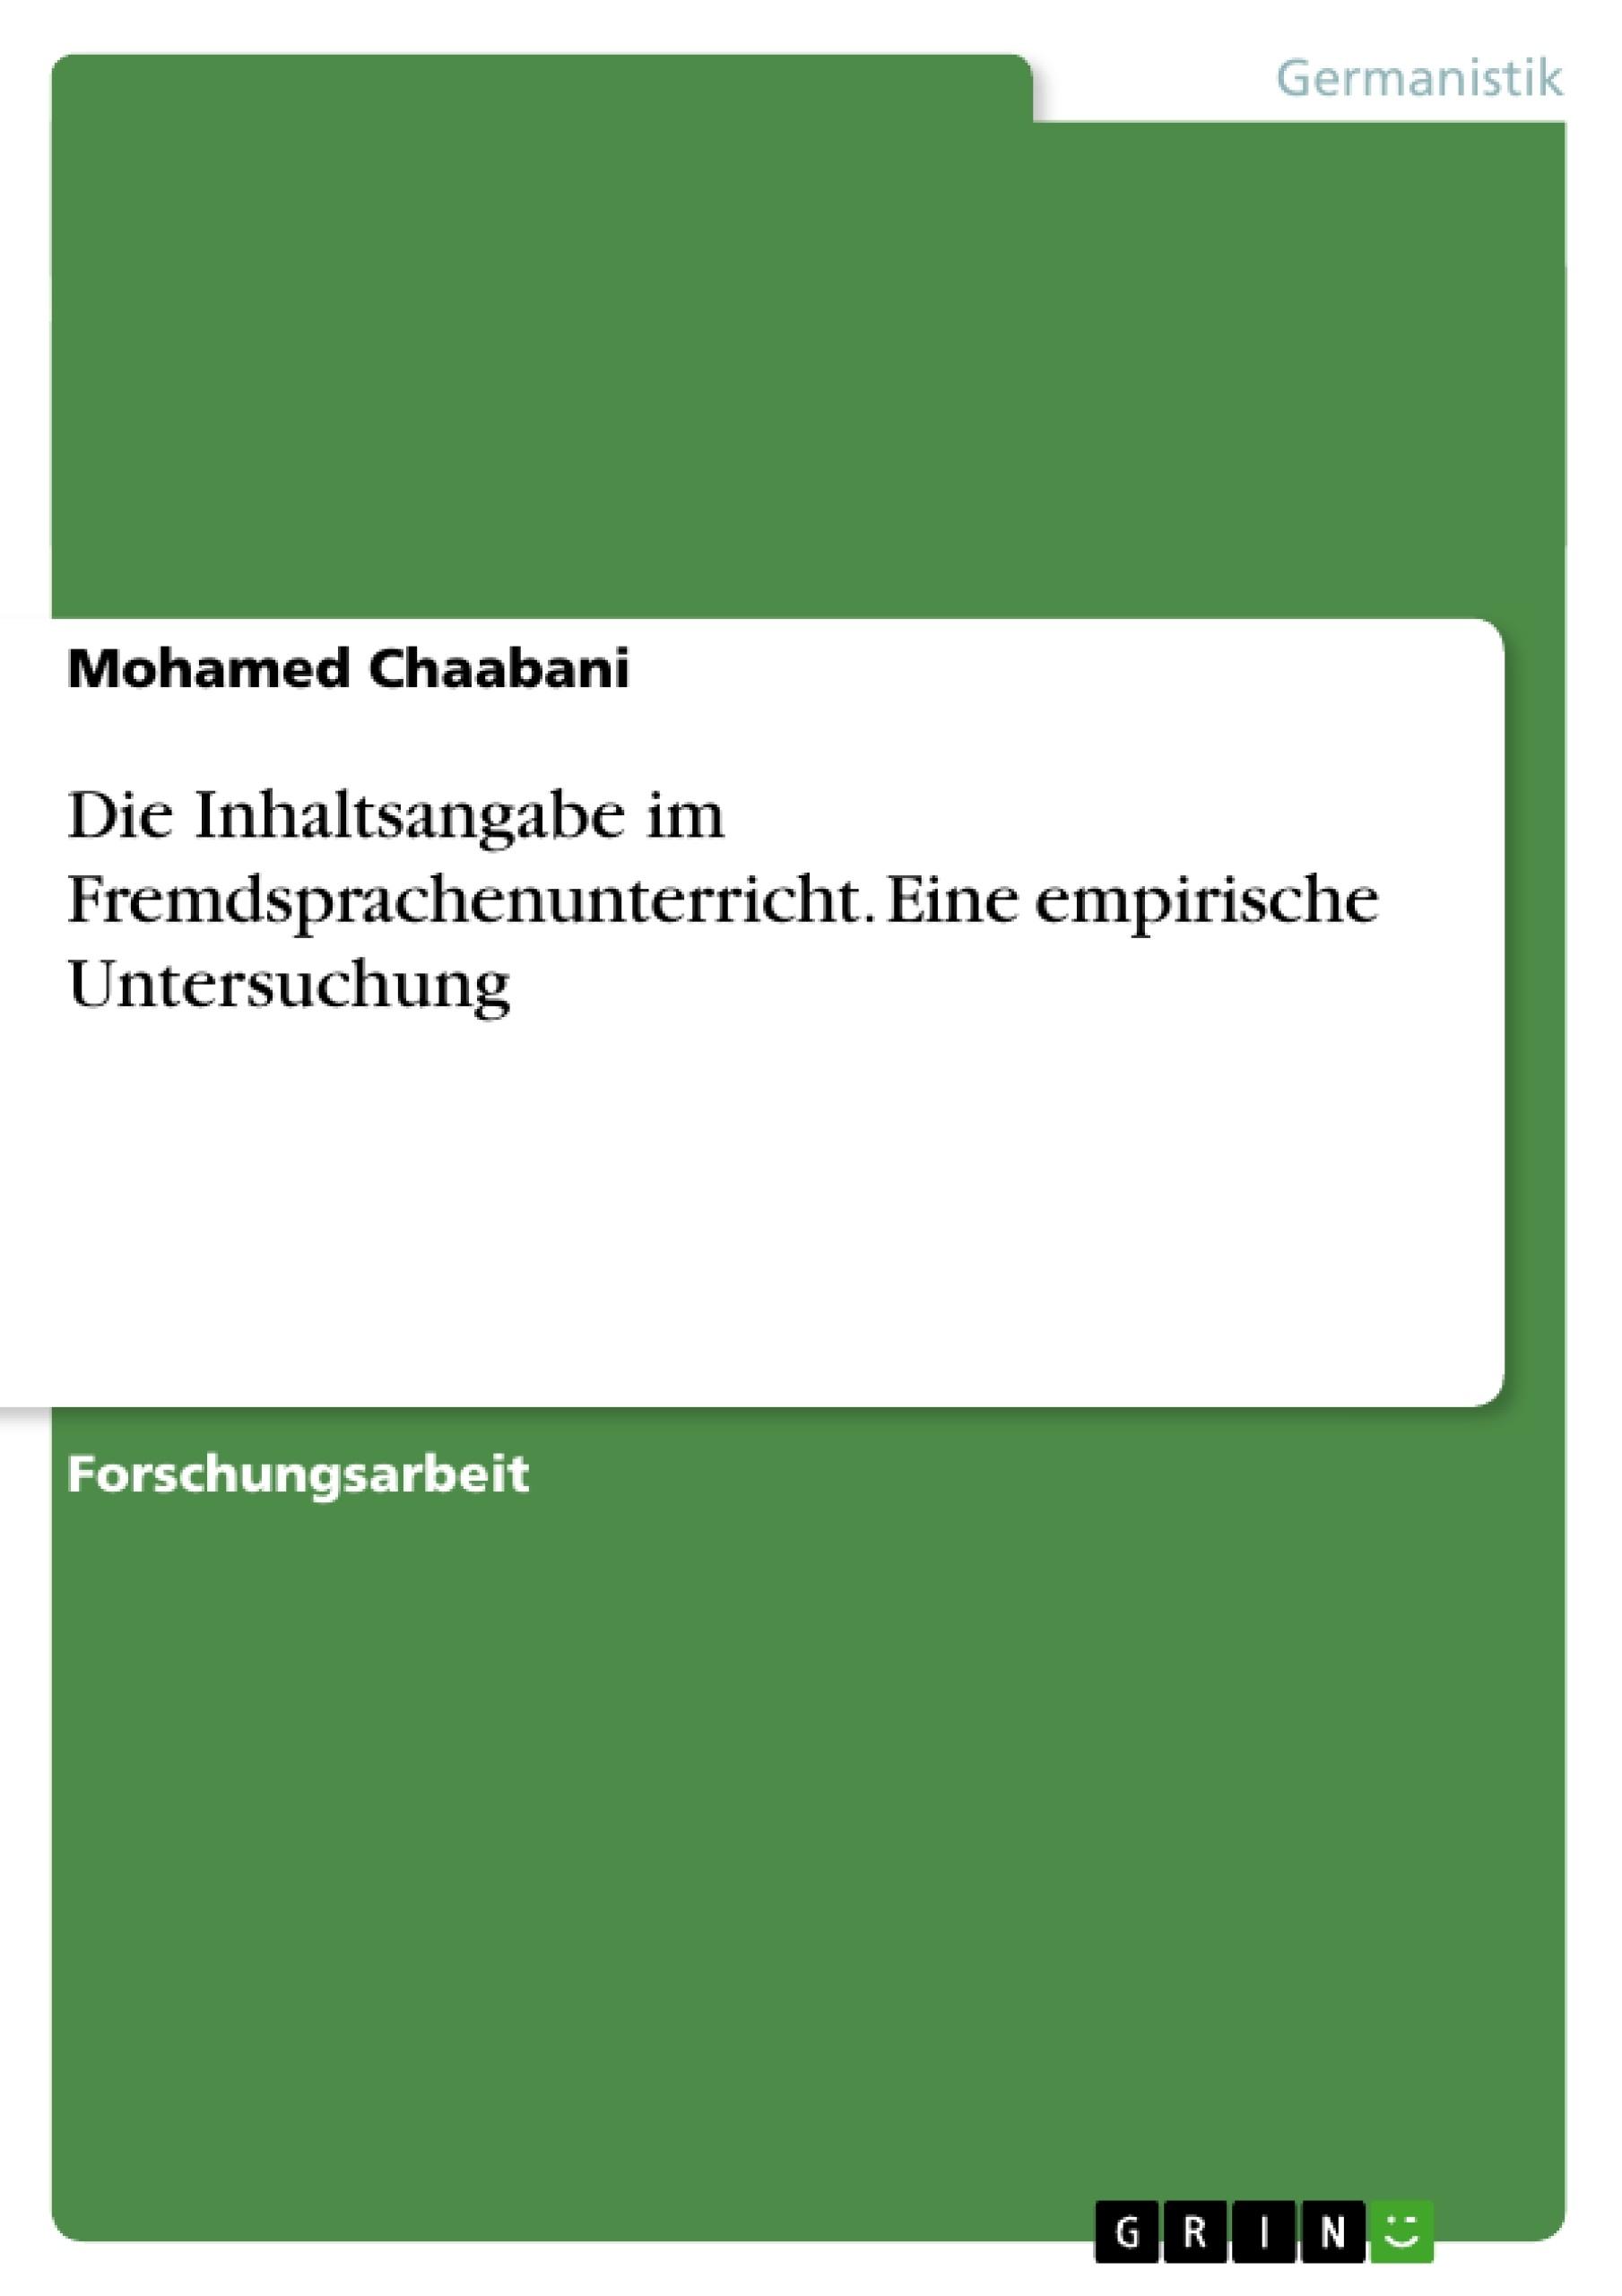 Titel: Die Inhaltsangabe im Fremdsprachenunterricht. Eine empirische Untersuchung